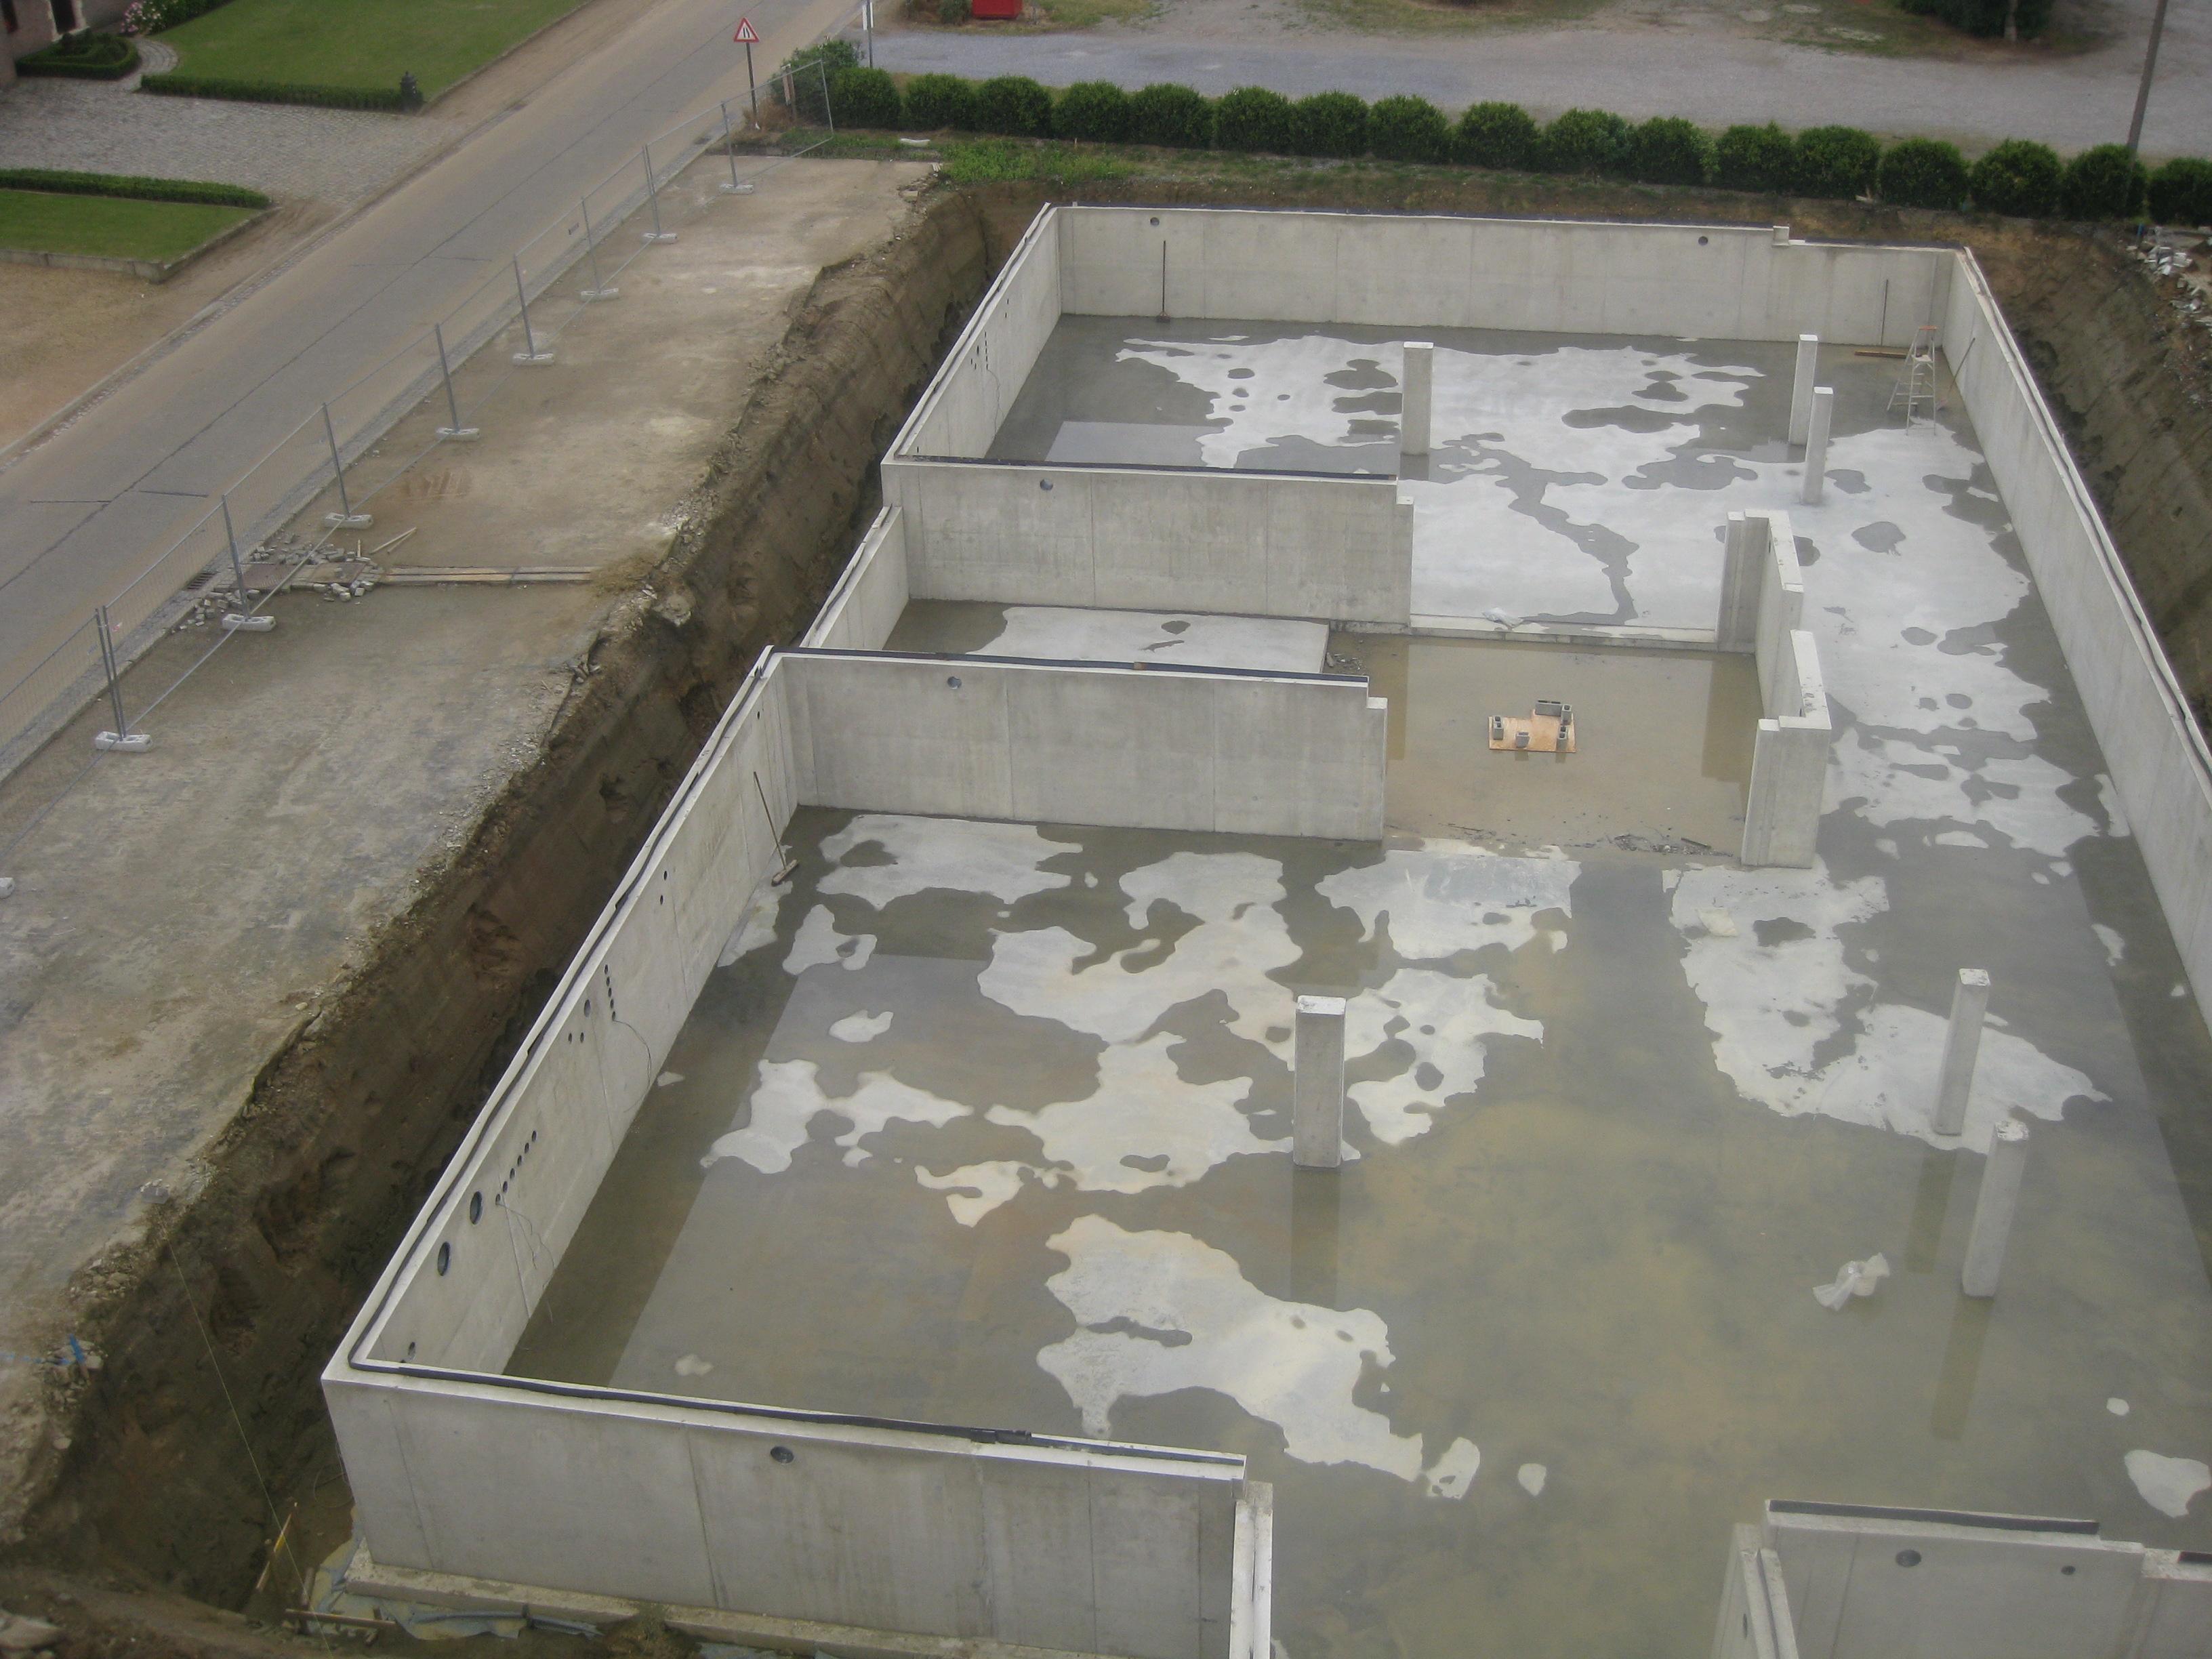 Betonkelder appartementsblok Gelrode